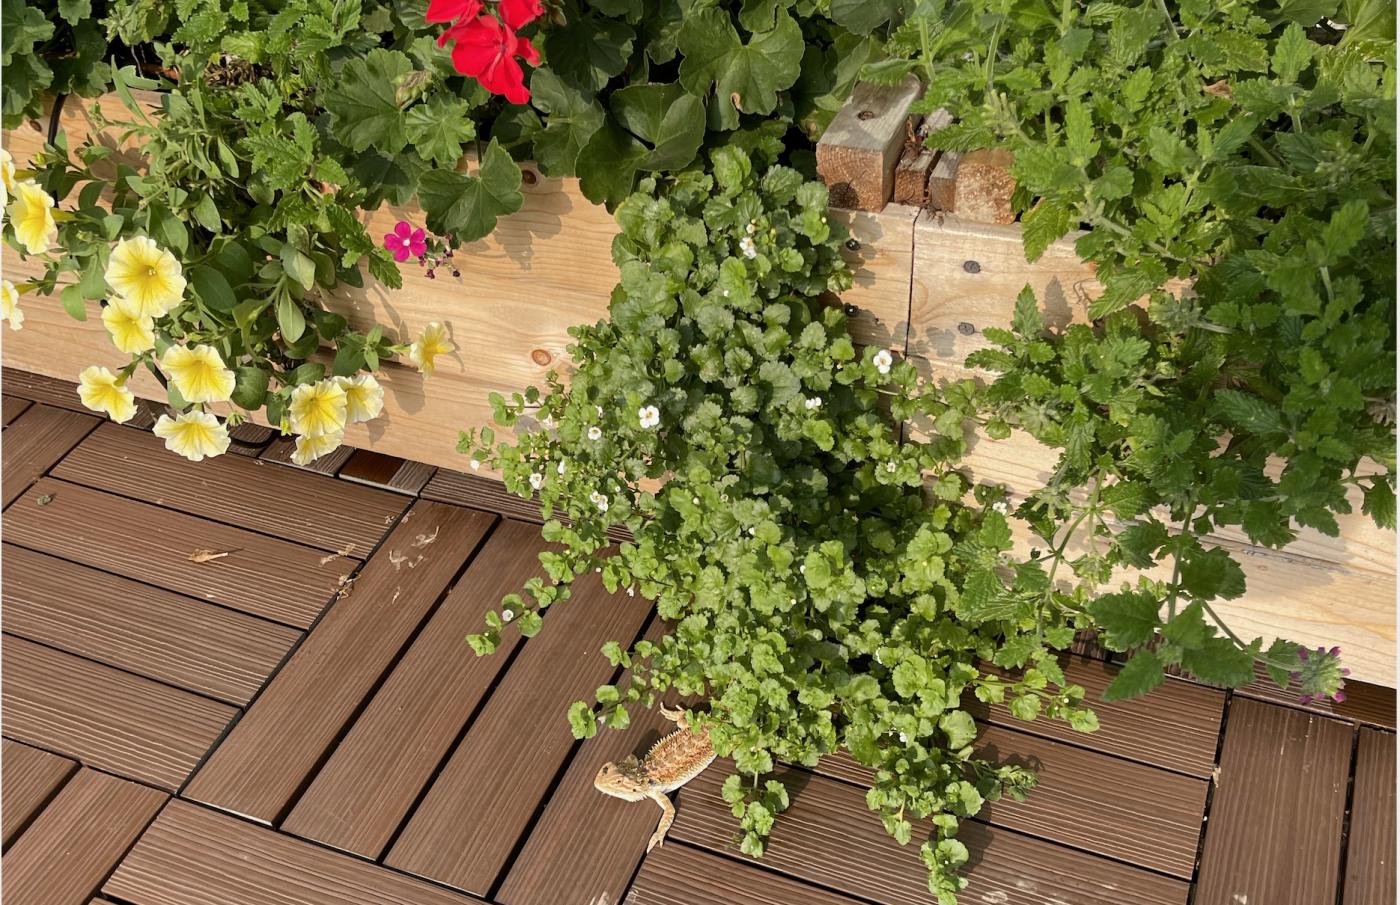 野花、家花、乐高花、苹果干、小龙_图1-23